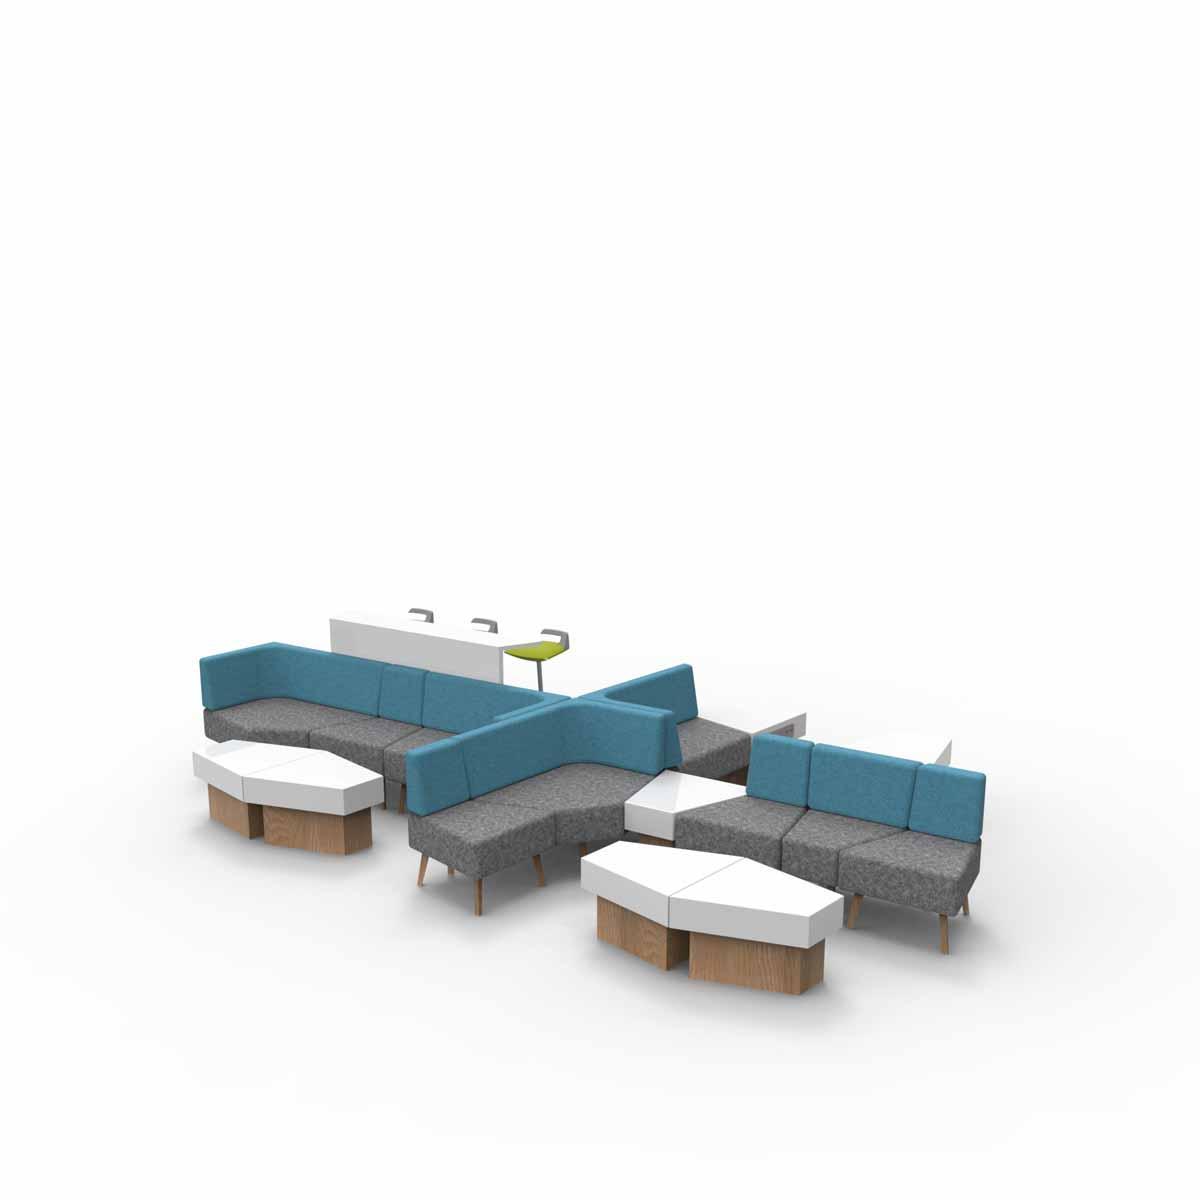 Trident Sofa工作岛沙发_酒店软包隔断沙发_玛拉蒂万博app客户端